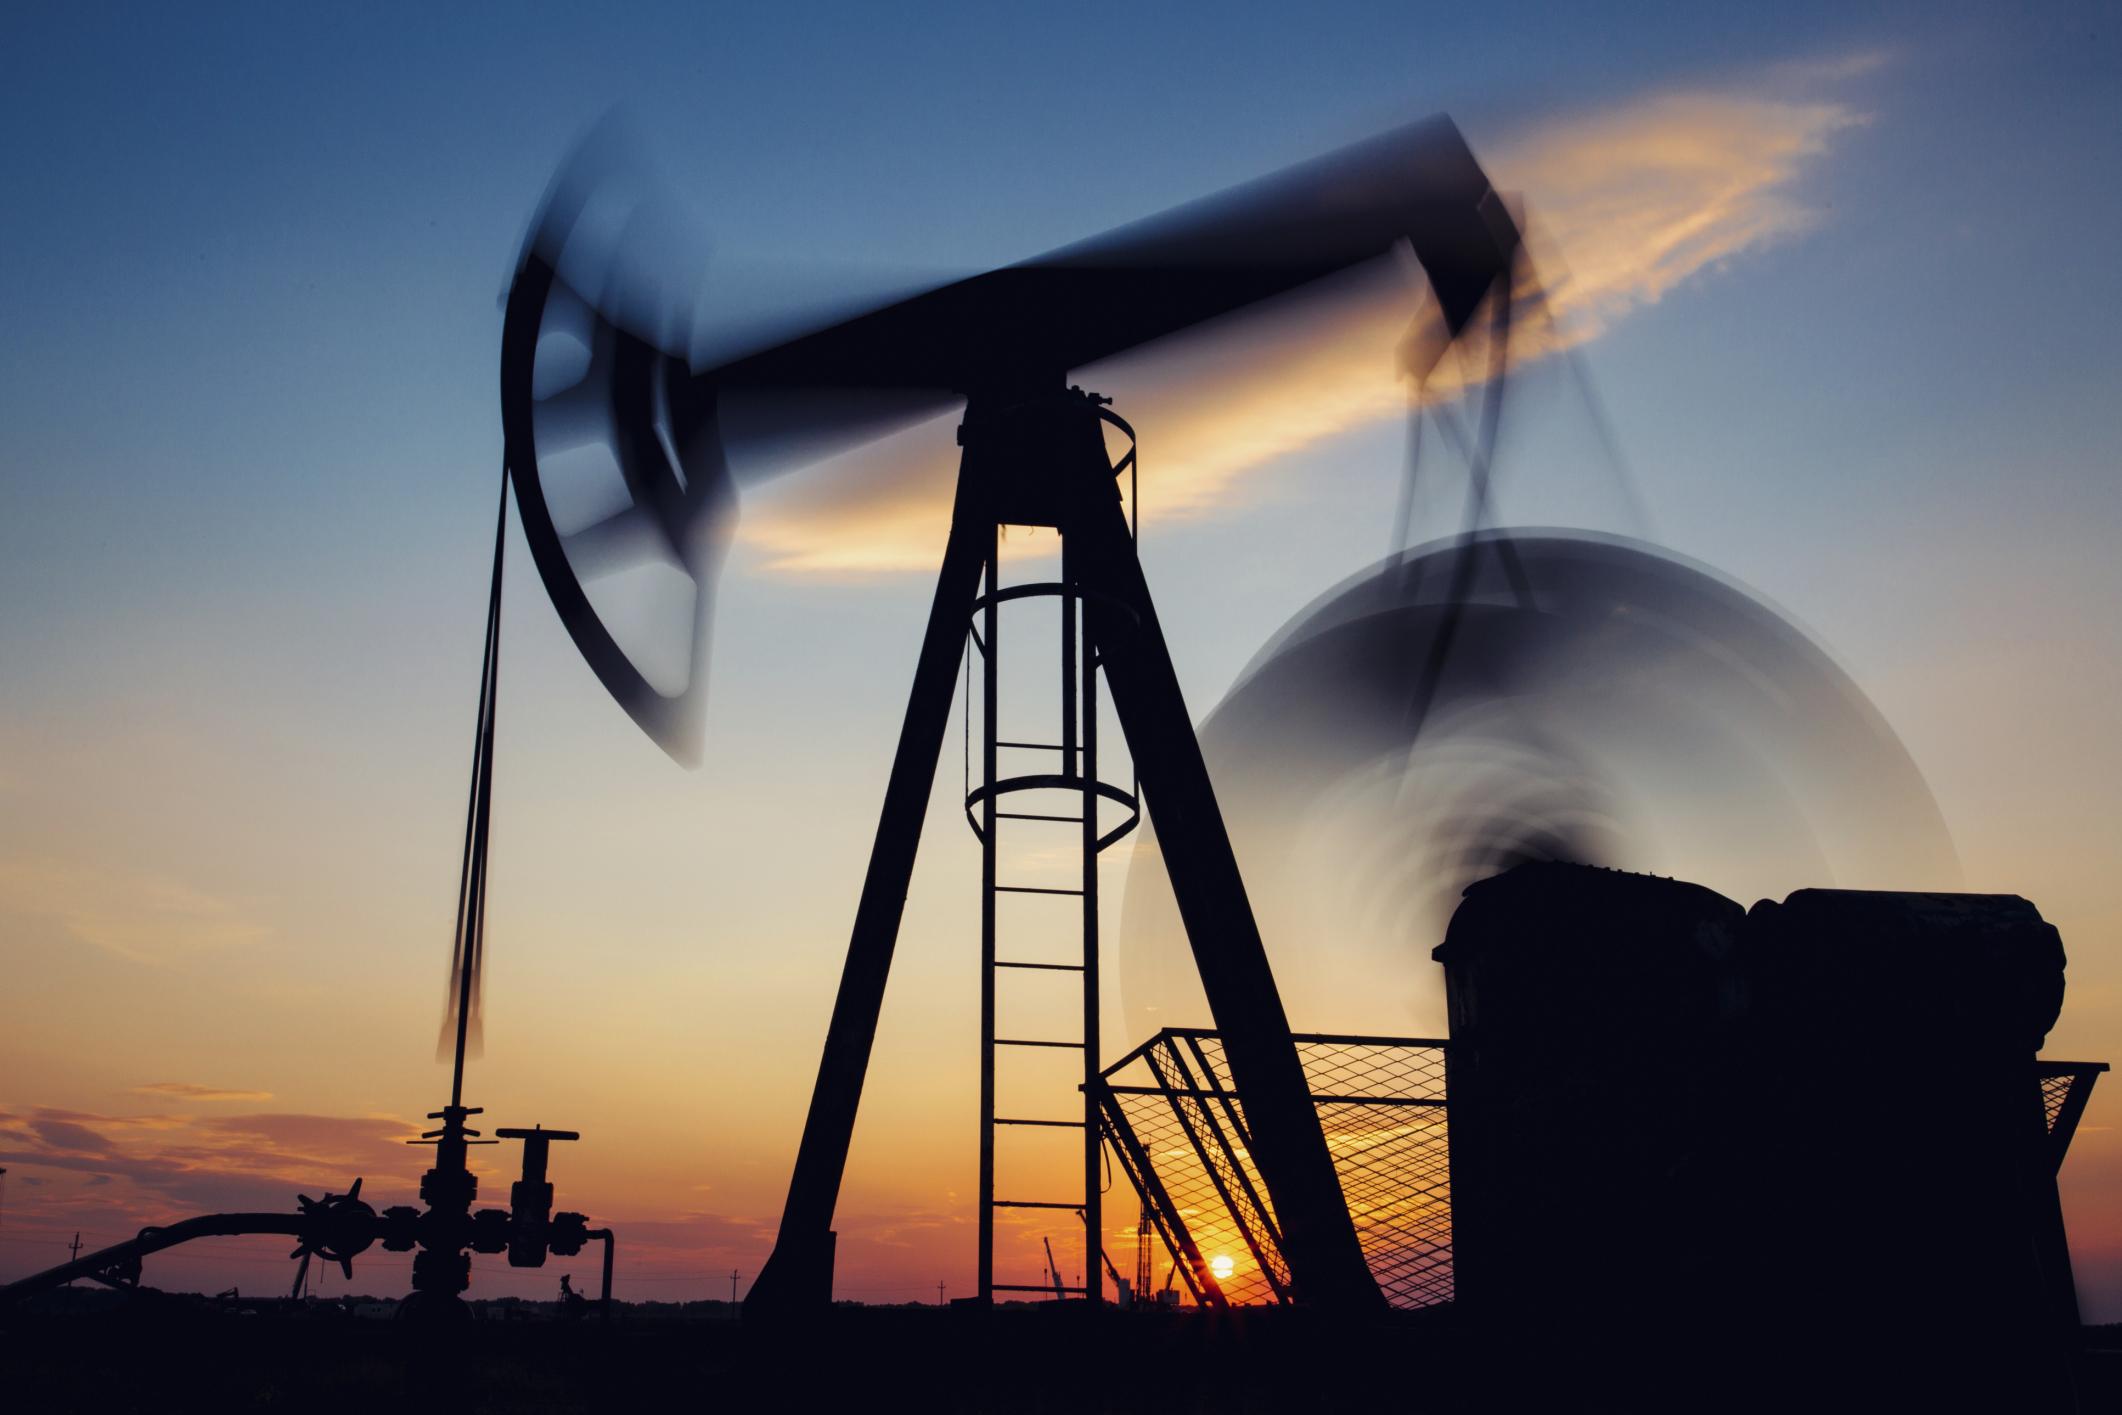 Oil pumpjack at sunrise.